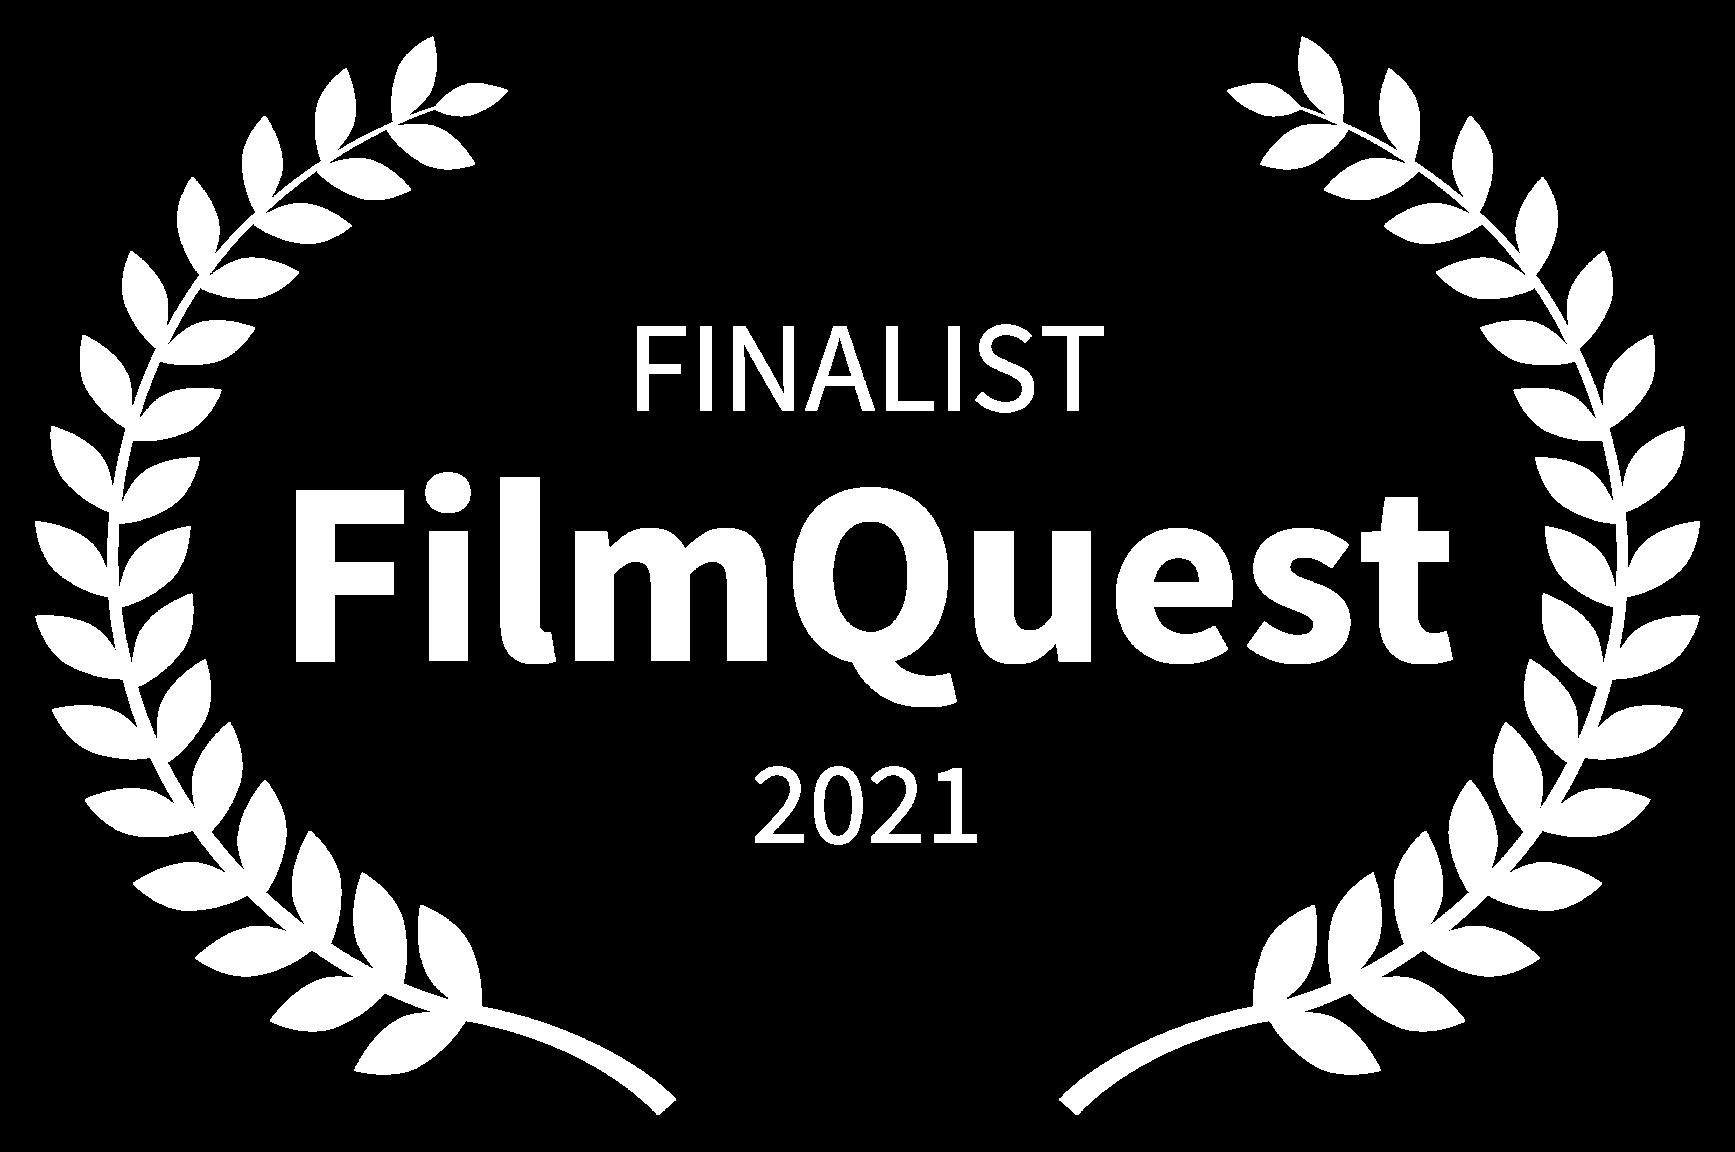 FINALIST-FilmQuest-2021-1